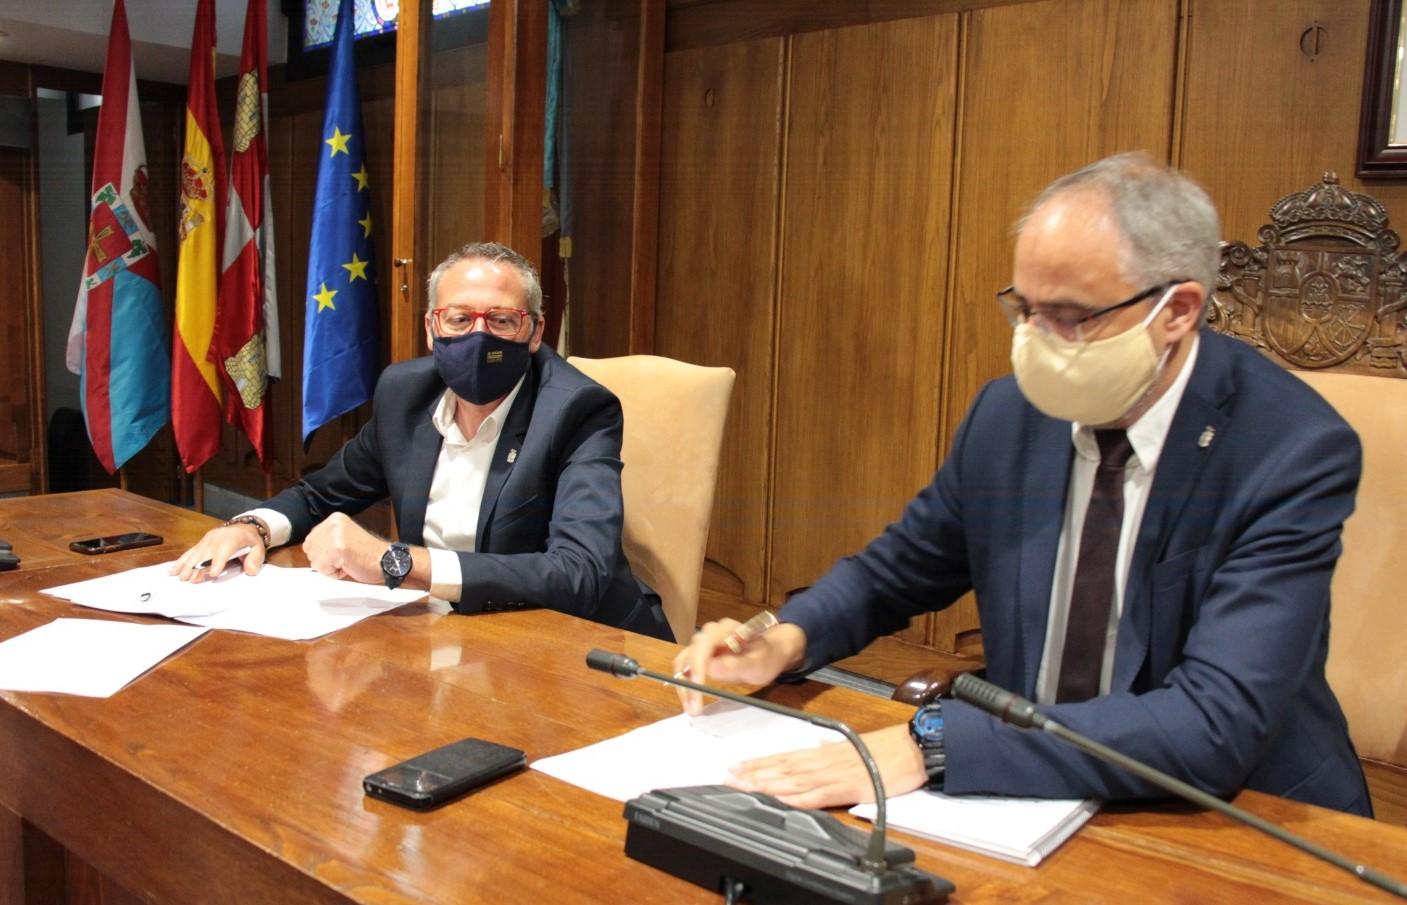 Momento de la firma del acuerdo del convenio colectivo del Ayuntamiento de Ponferrada.